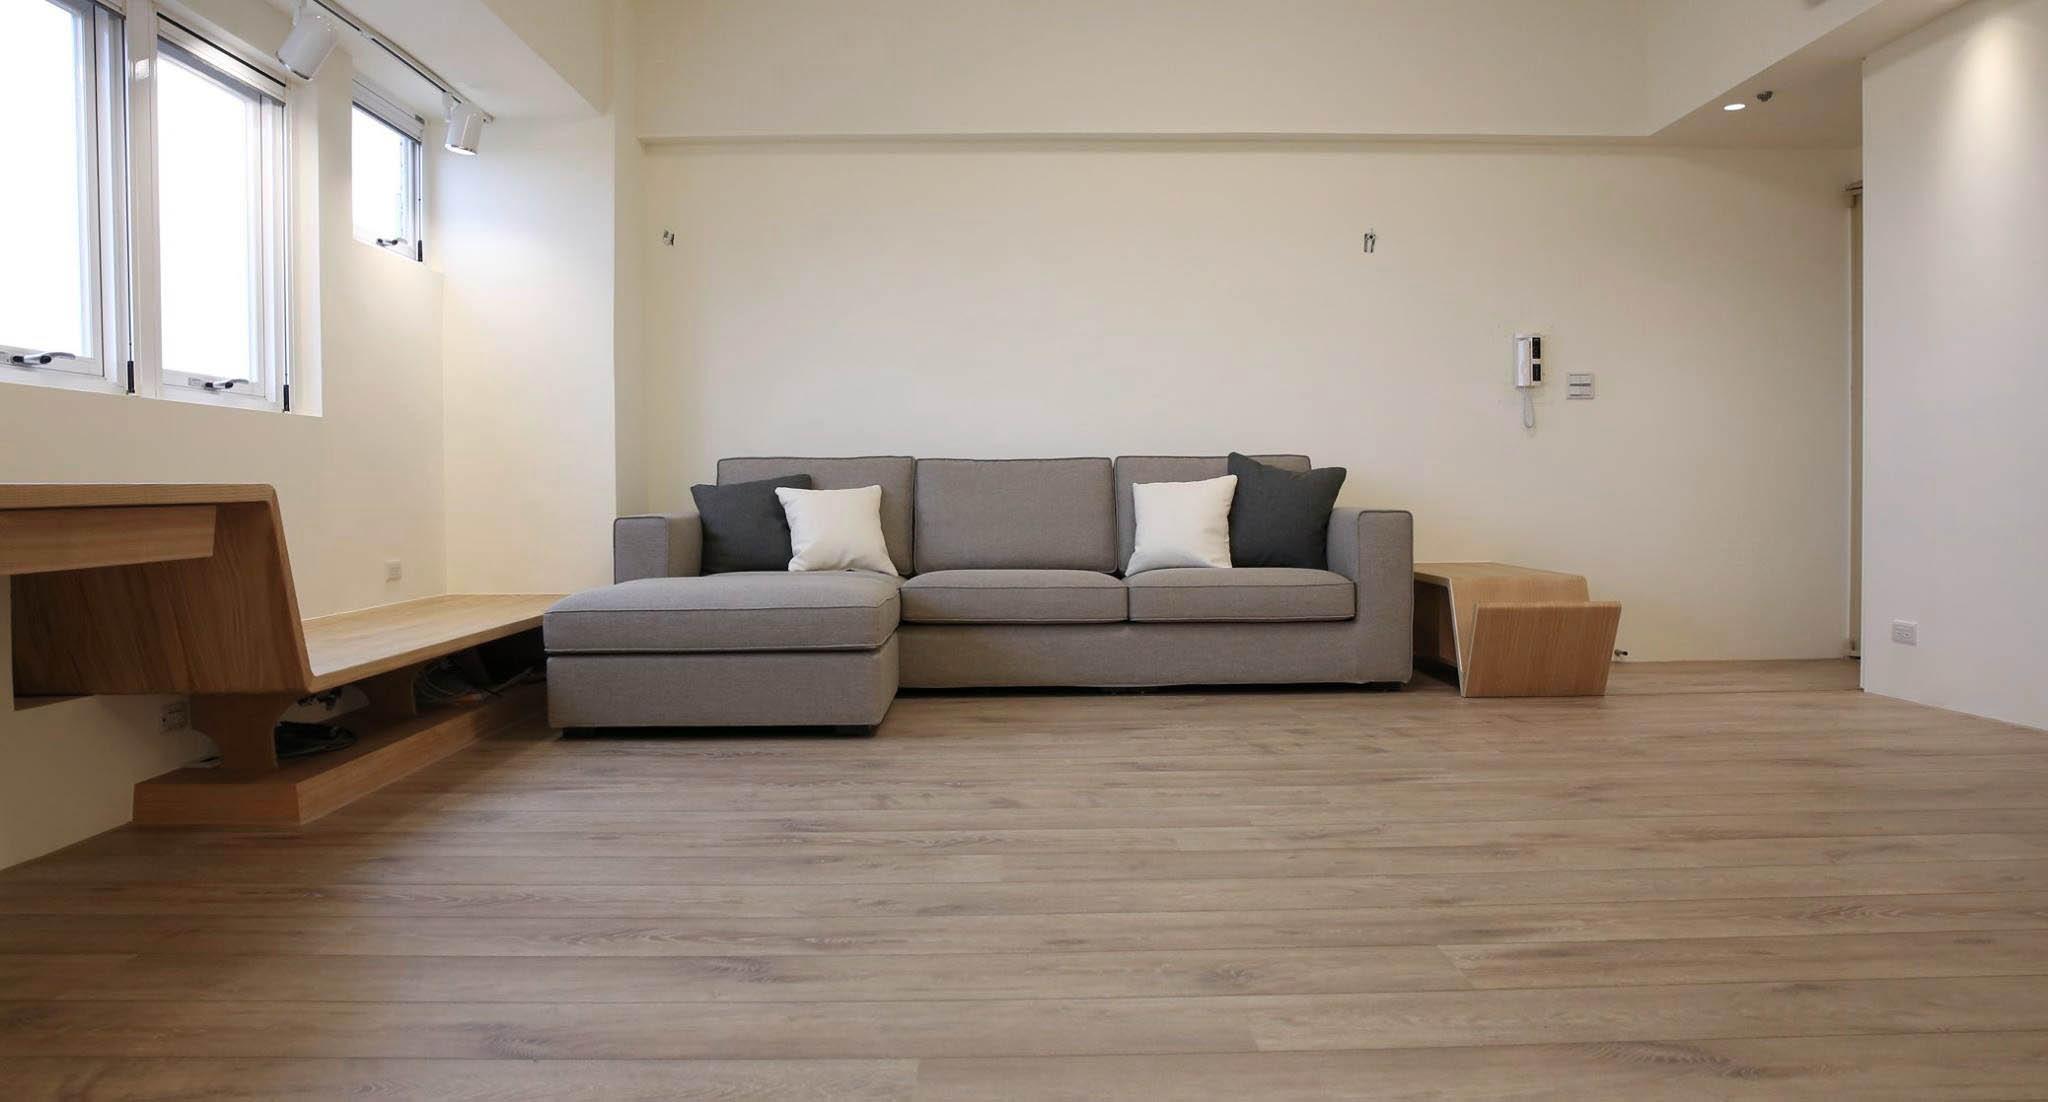 休憩平台同時是沙發邊几,下方則是影音設備區